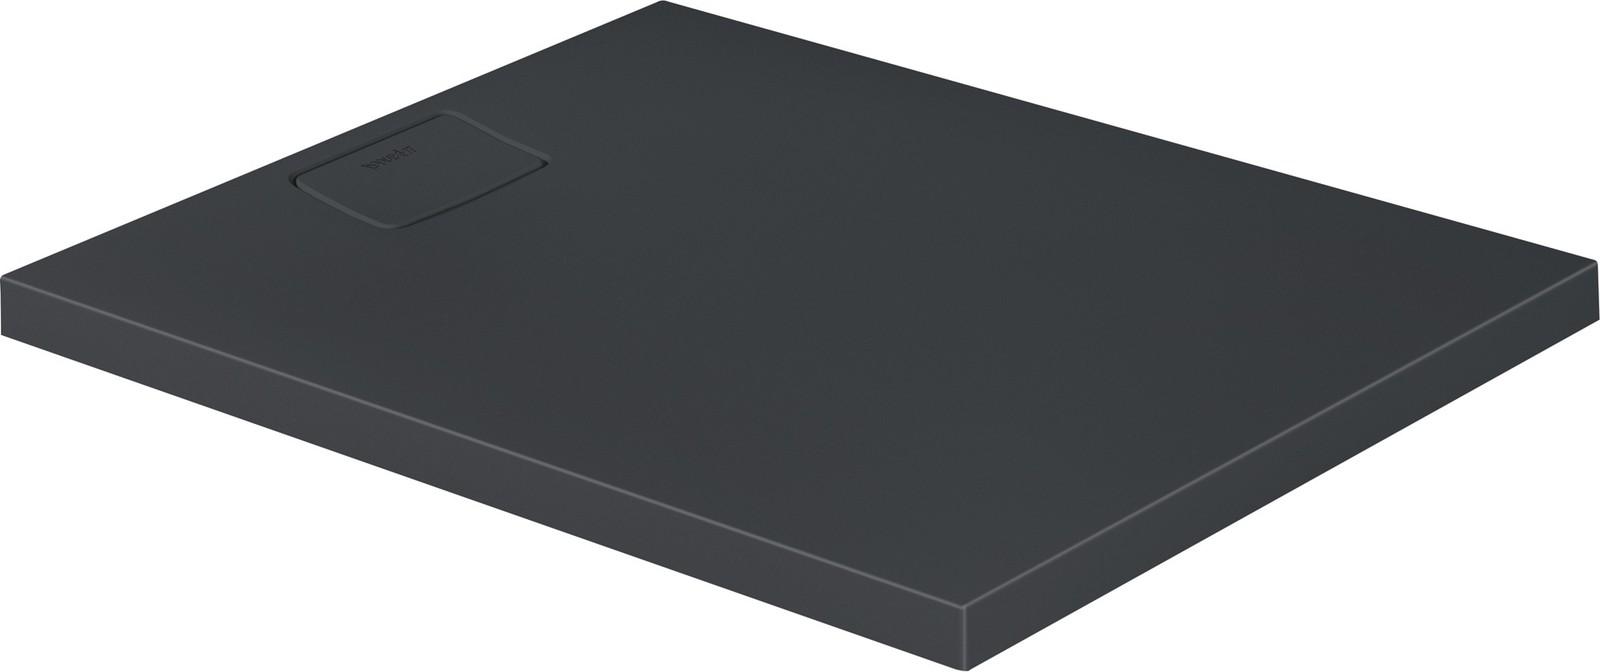 duravit stonetto duschwanne rechteckig 1200x800 sand mit. Black Bedroom Furniture Sets. Home Design Ideas